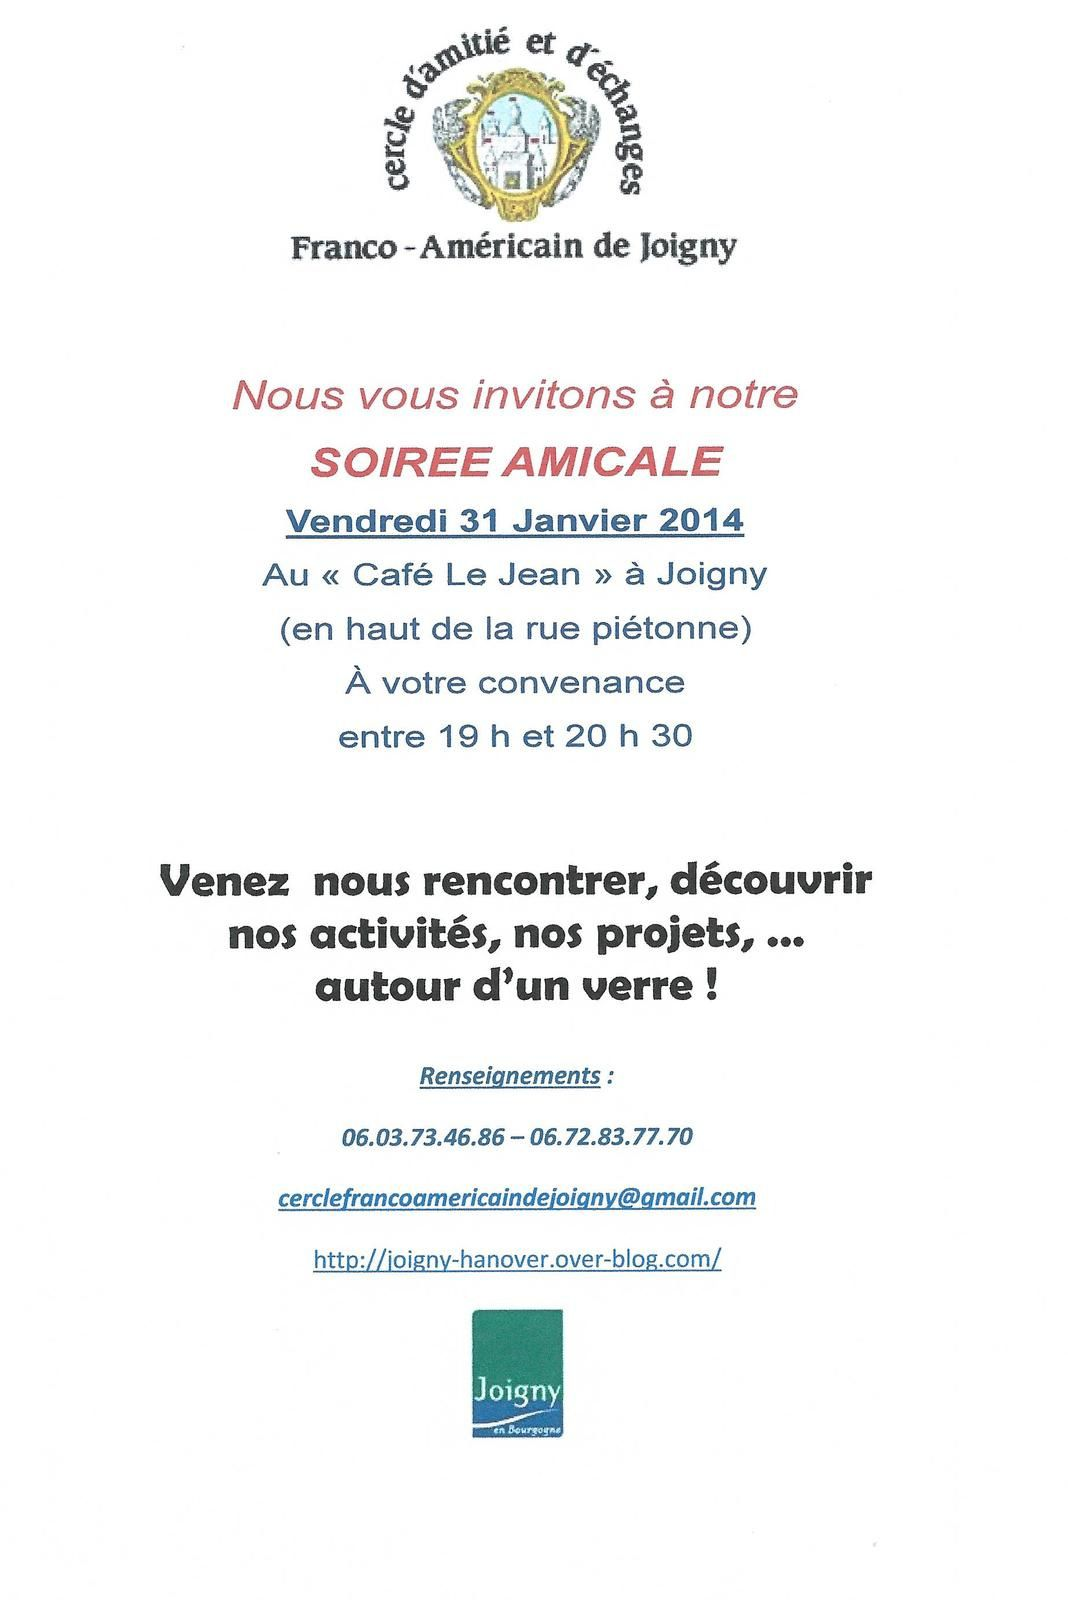 INVITATION A NOTRE SOIRÉE AMICALE DE DÉBUT D'ANNÉE 2014 !!!